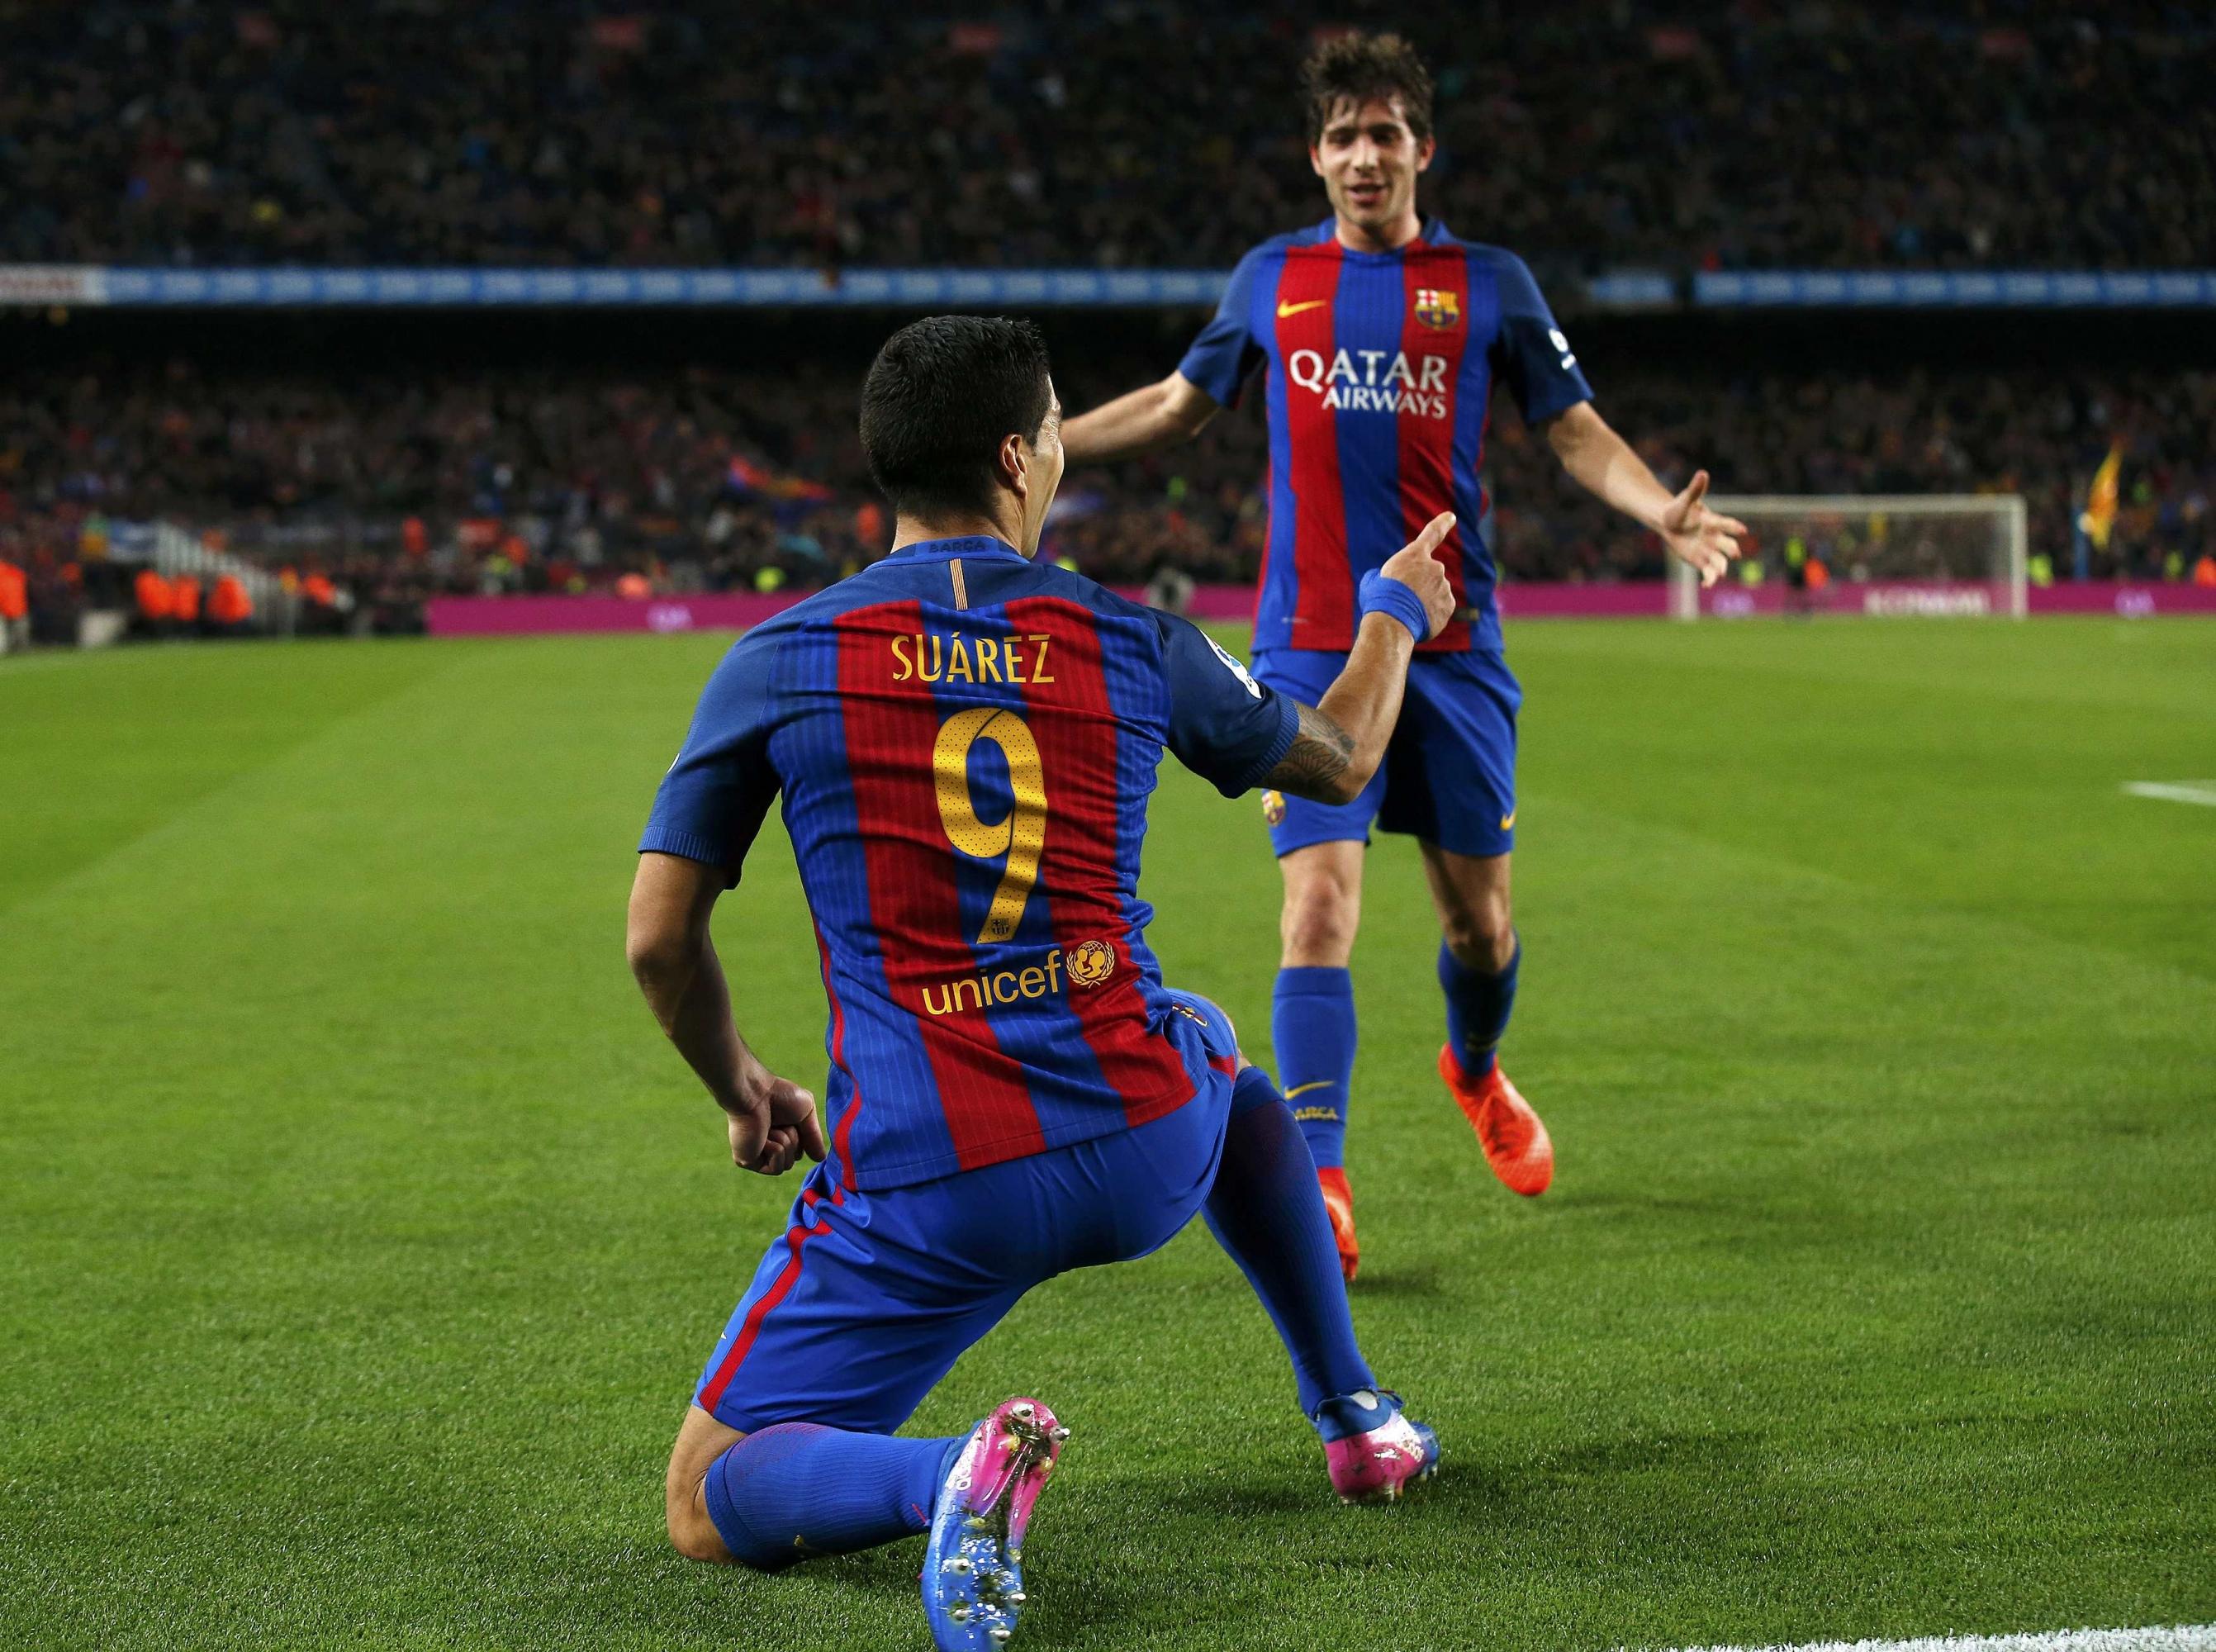 El Barça sufre, pero estará en su cuarta final copera consecutiva